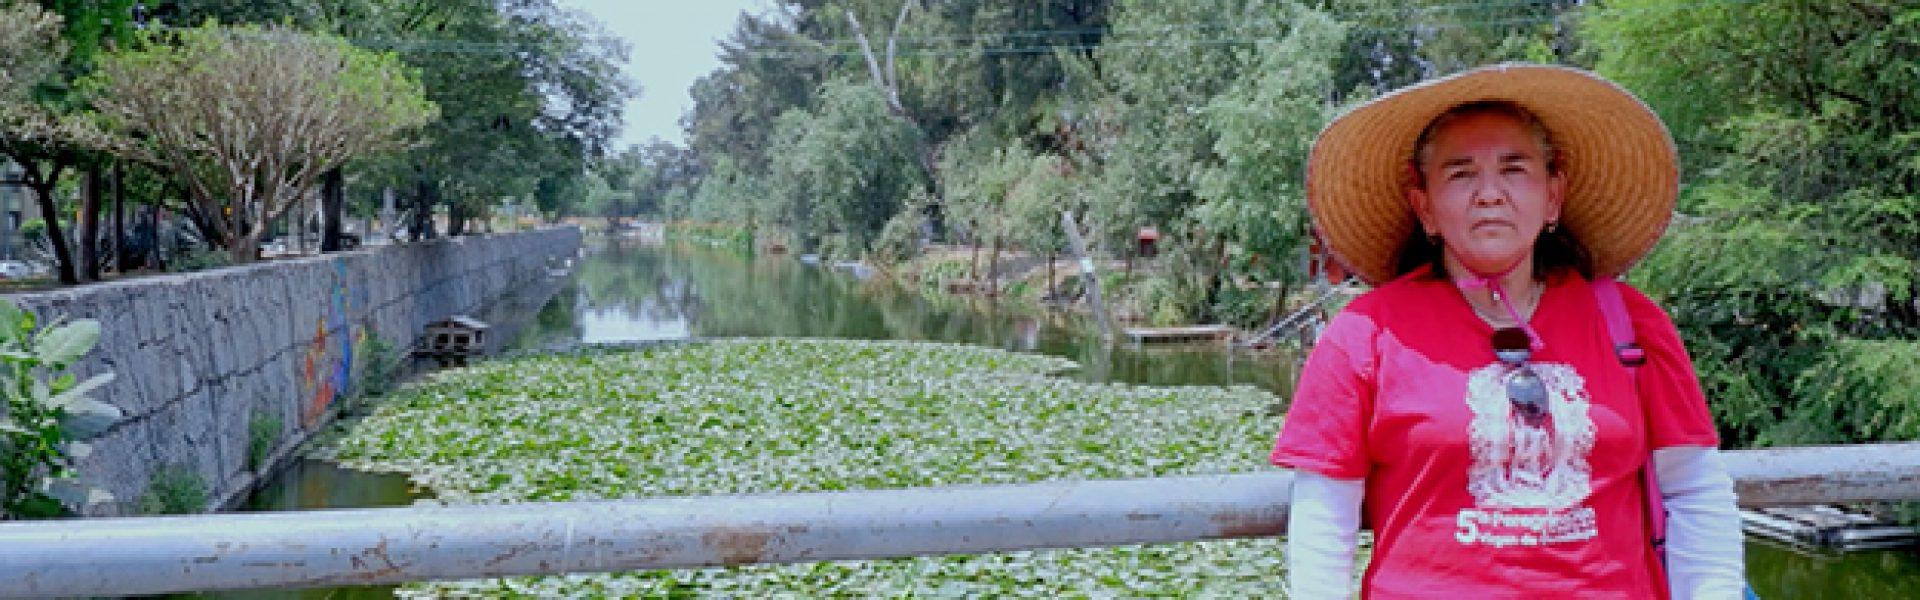 CAA En defensa del agua y de la vida Still Catalogo